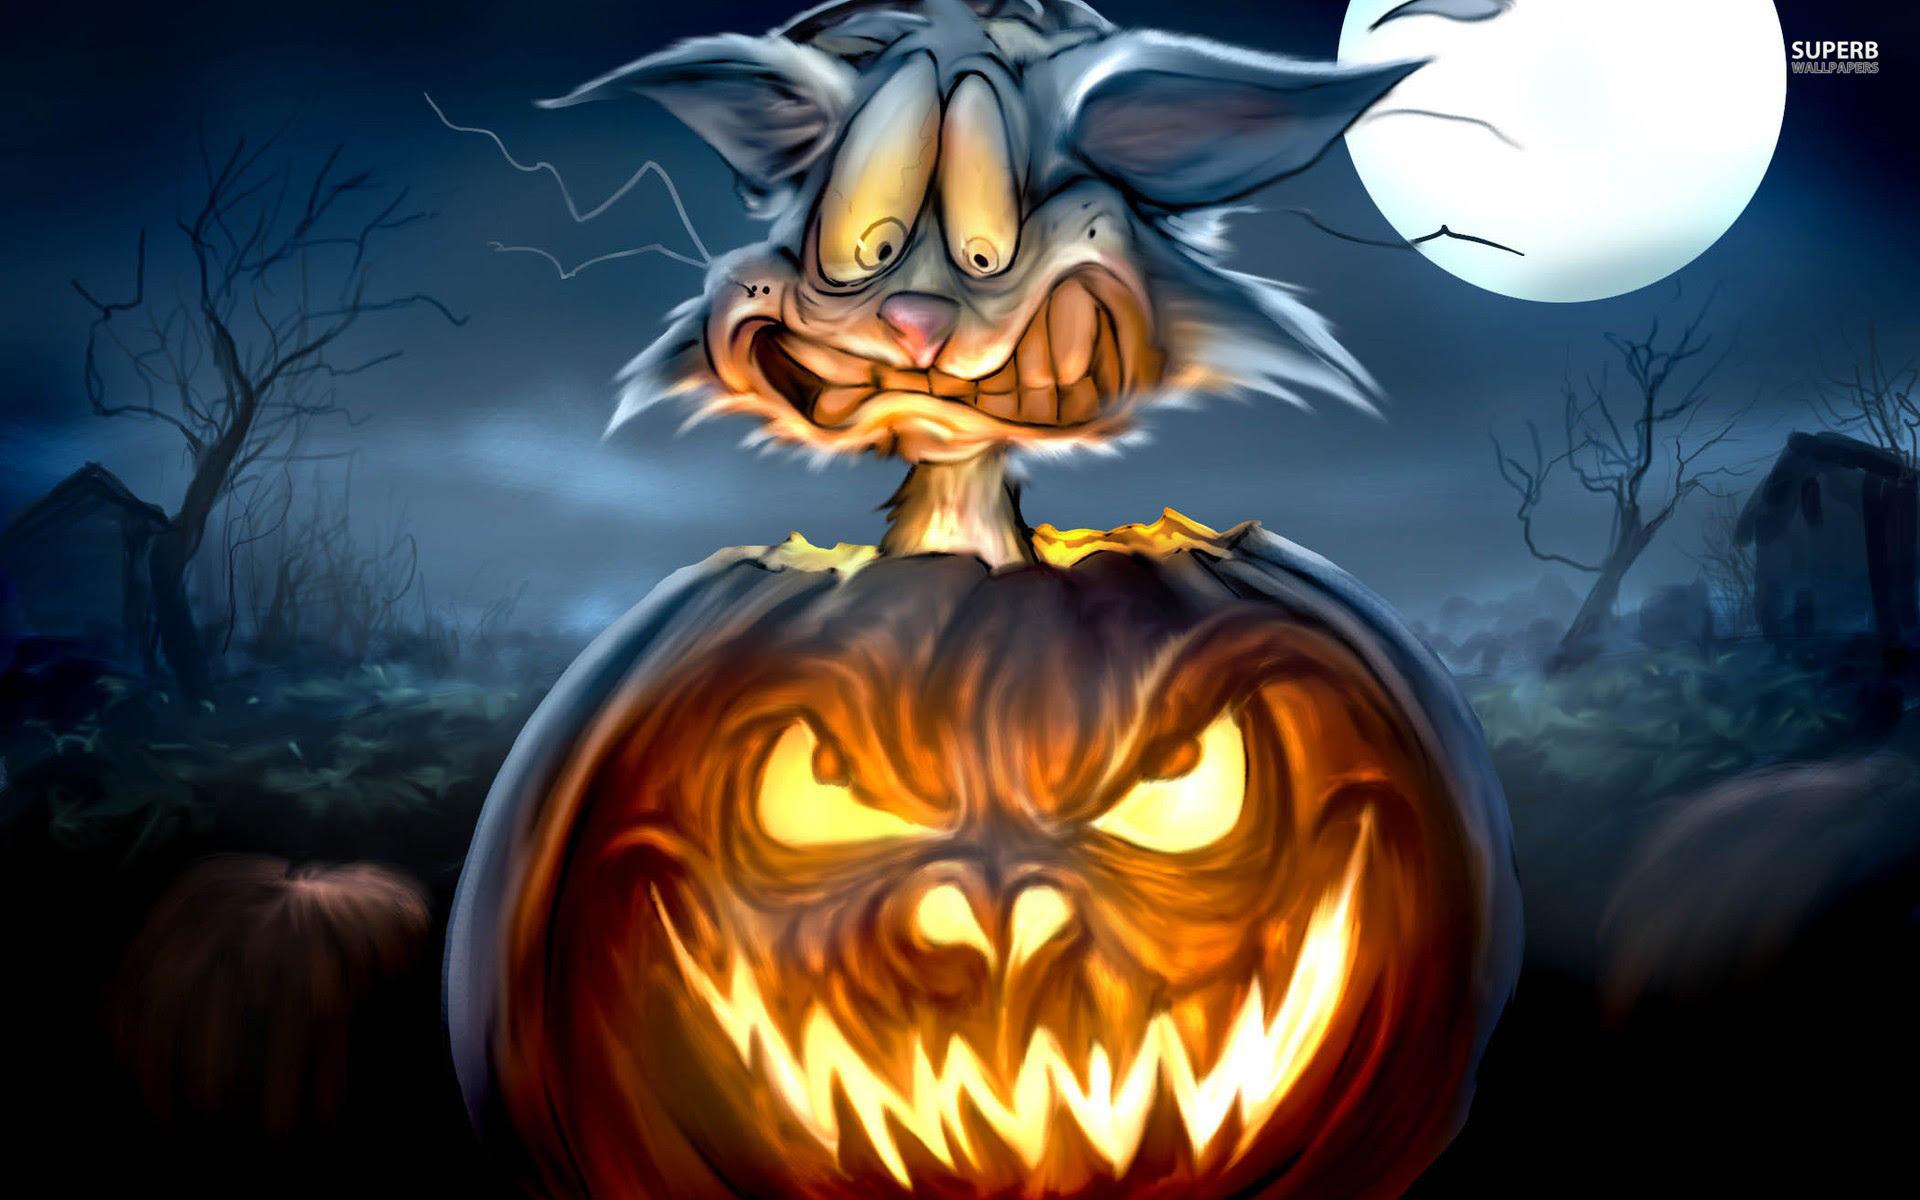 Looney Tunes Halloween Wallpaper 50 Images